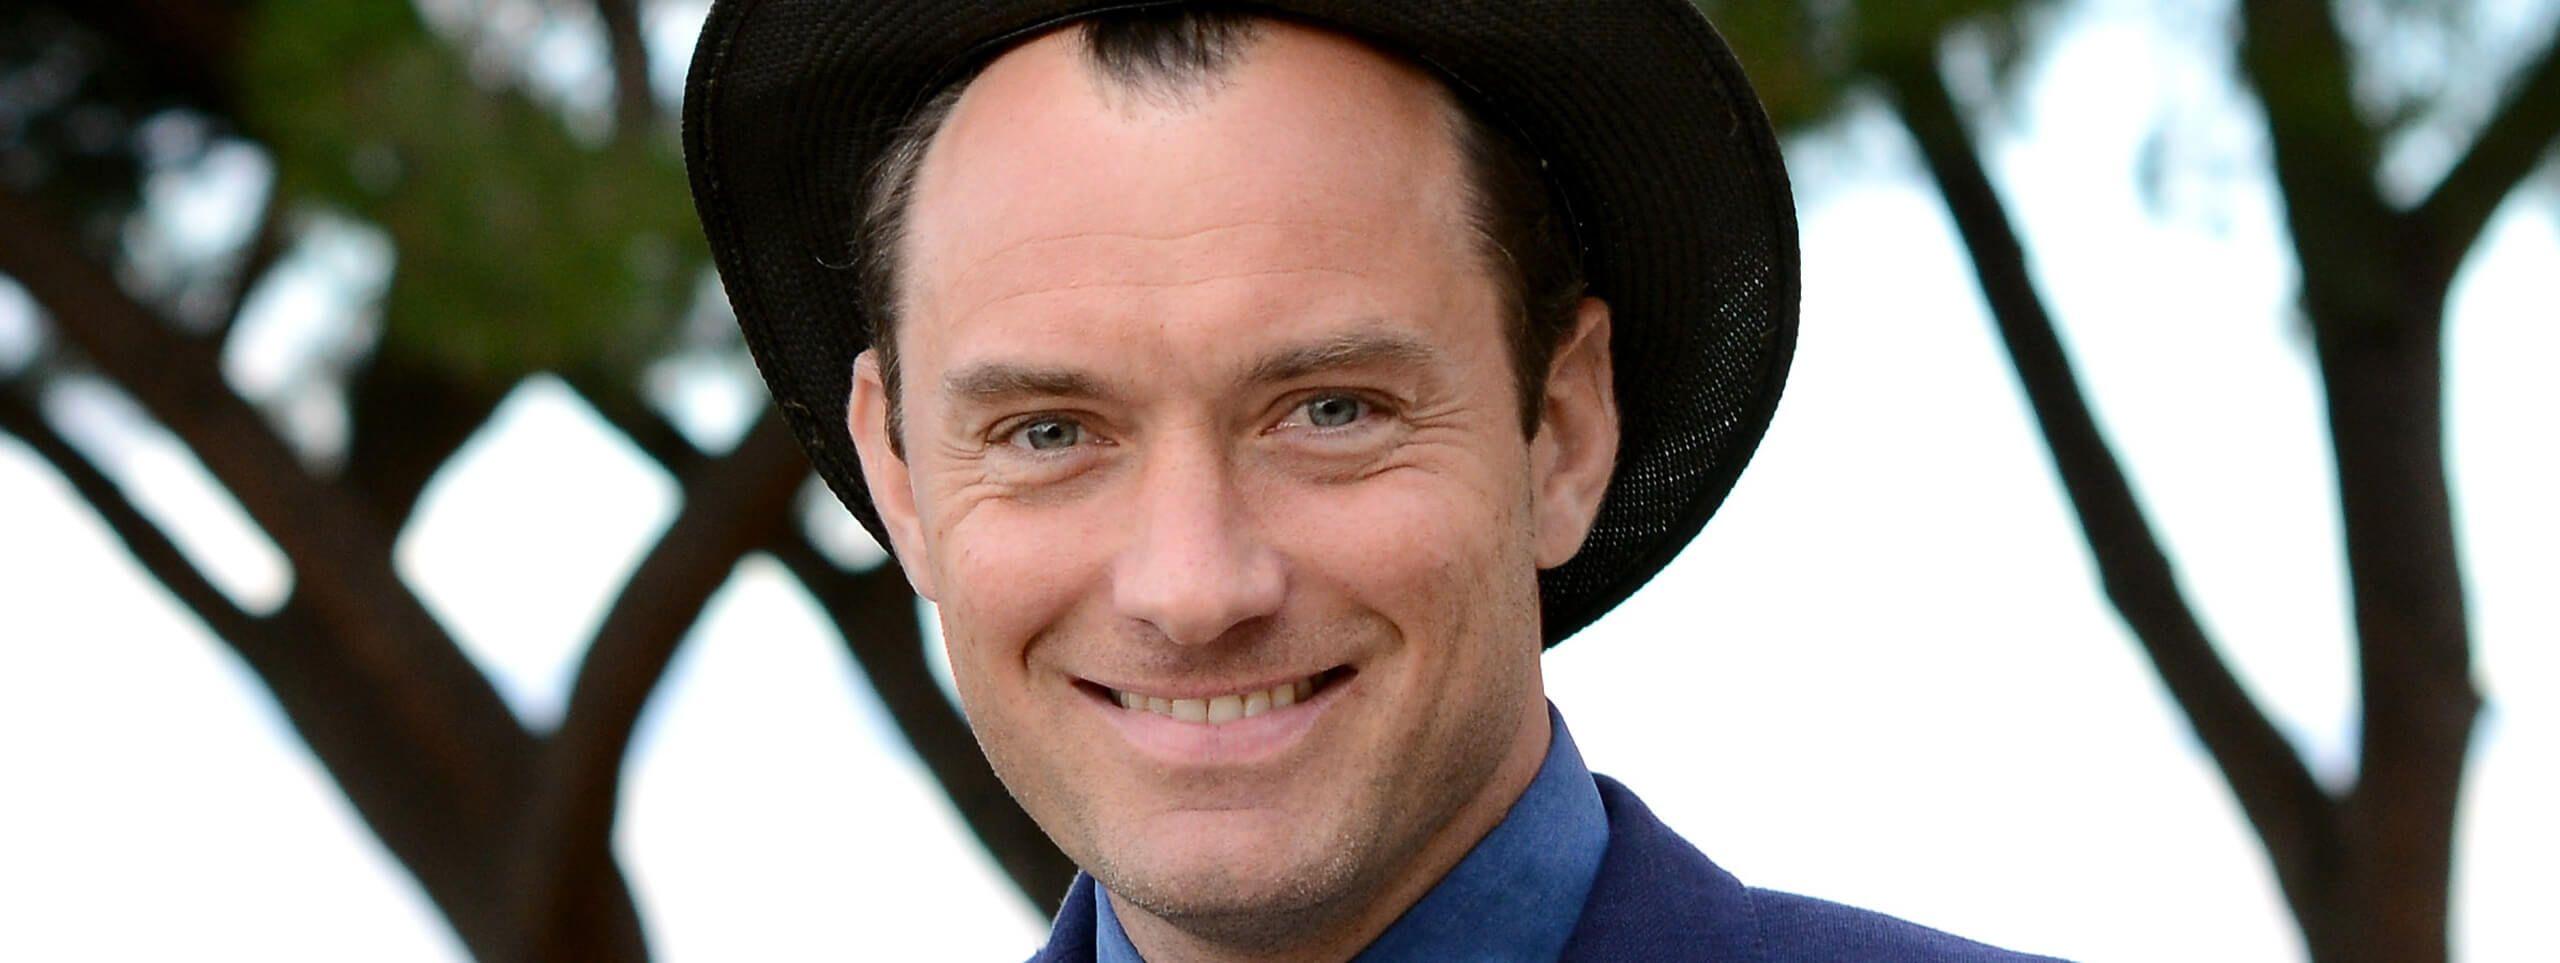 Jude Law avec un chapeau